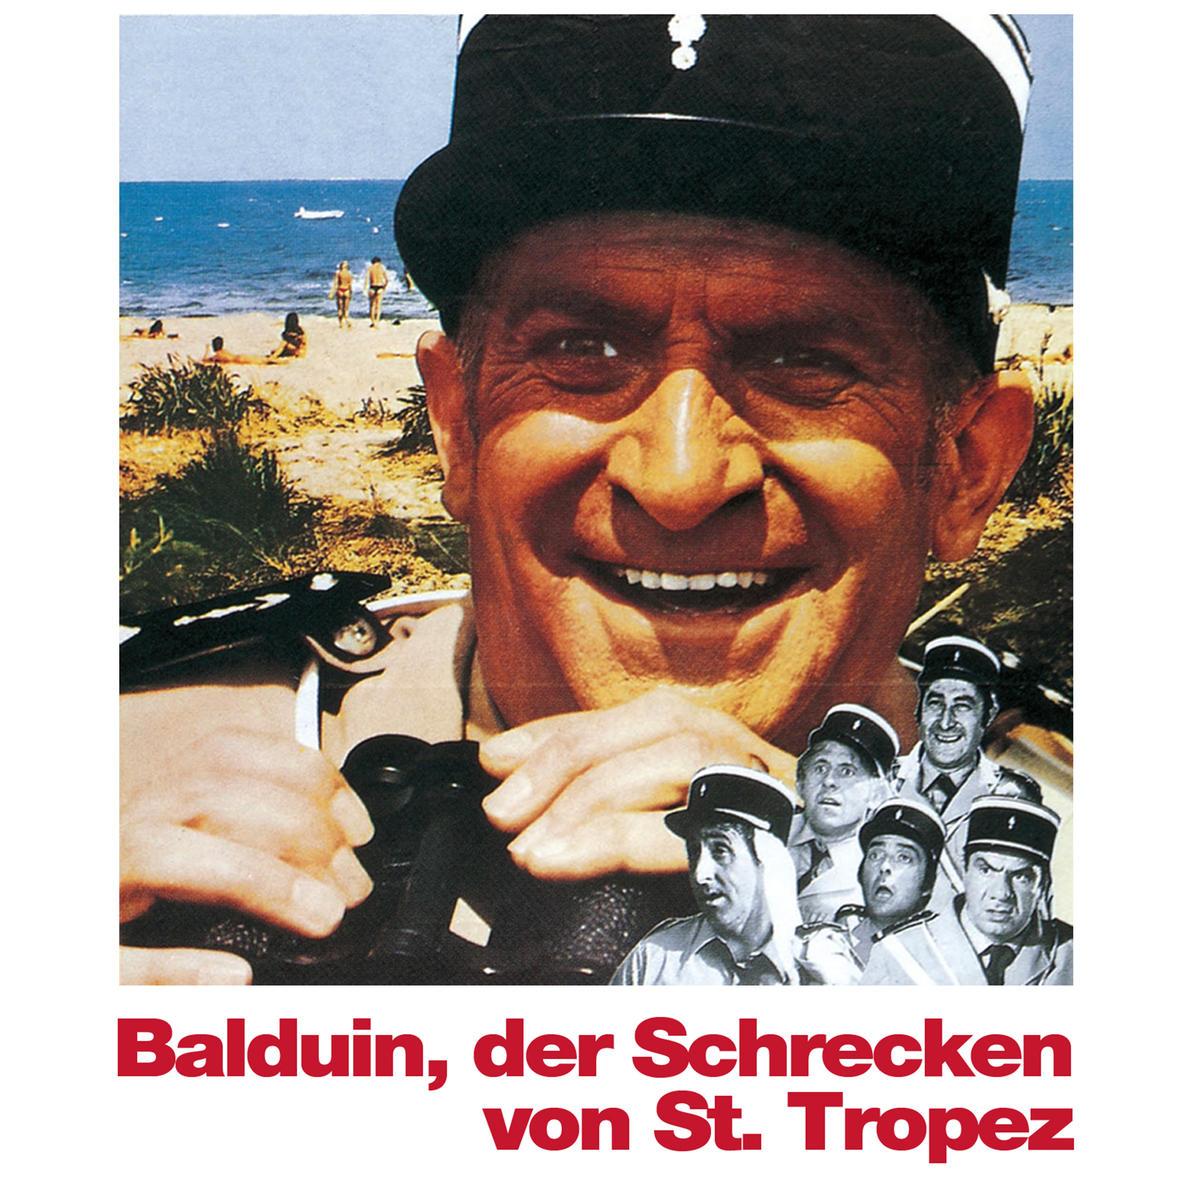 Balduin Der Schrecken Von St. Tropez